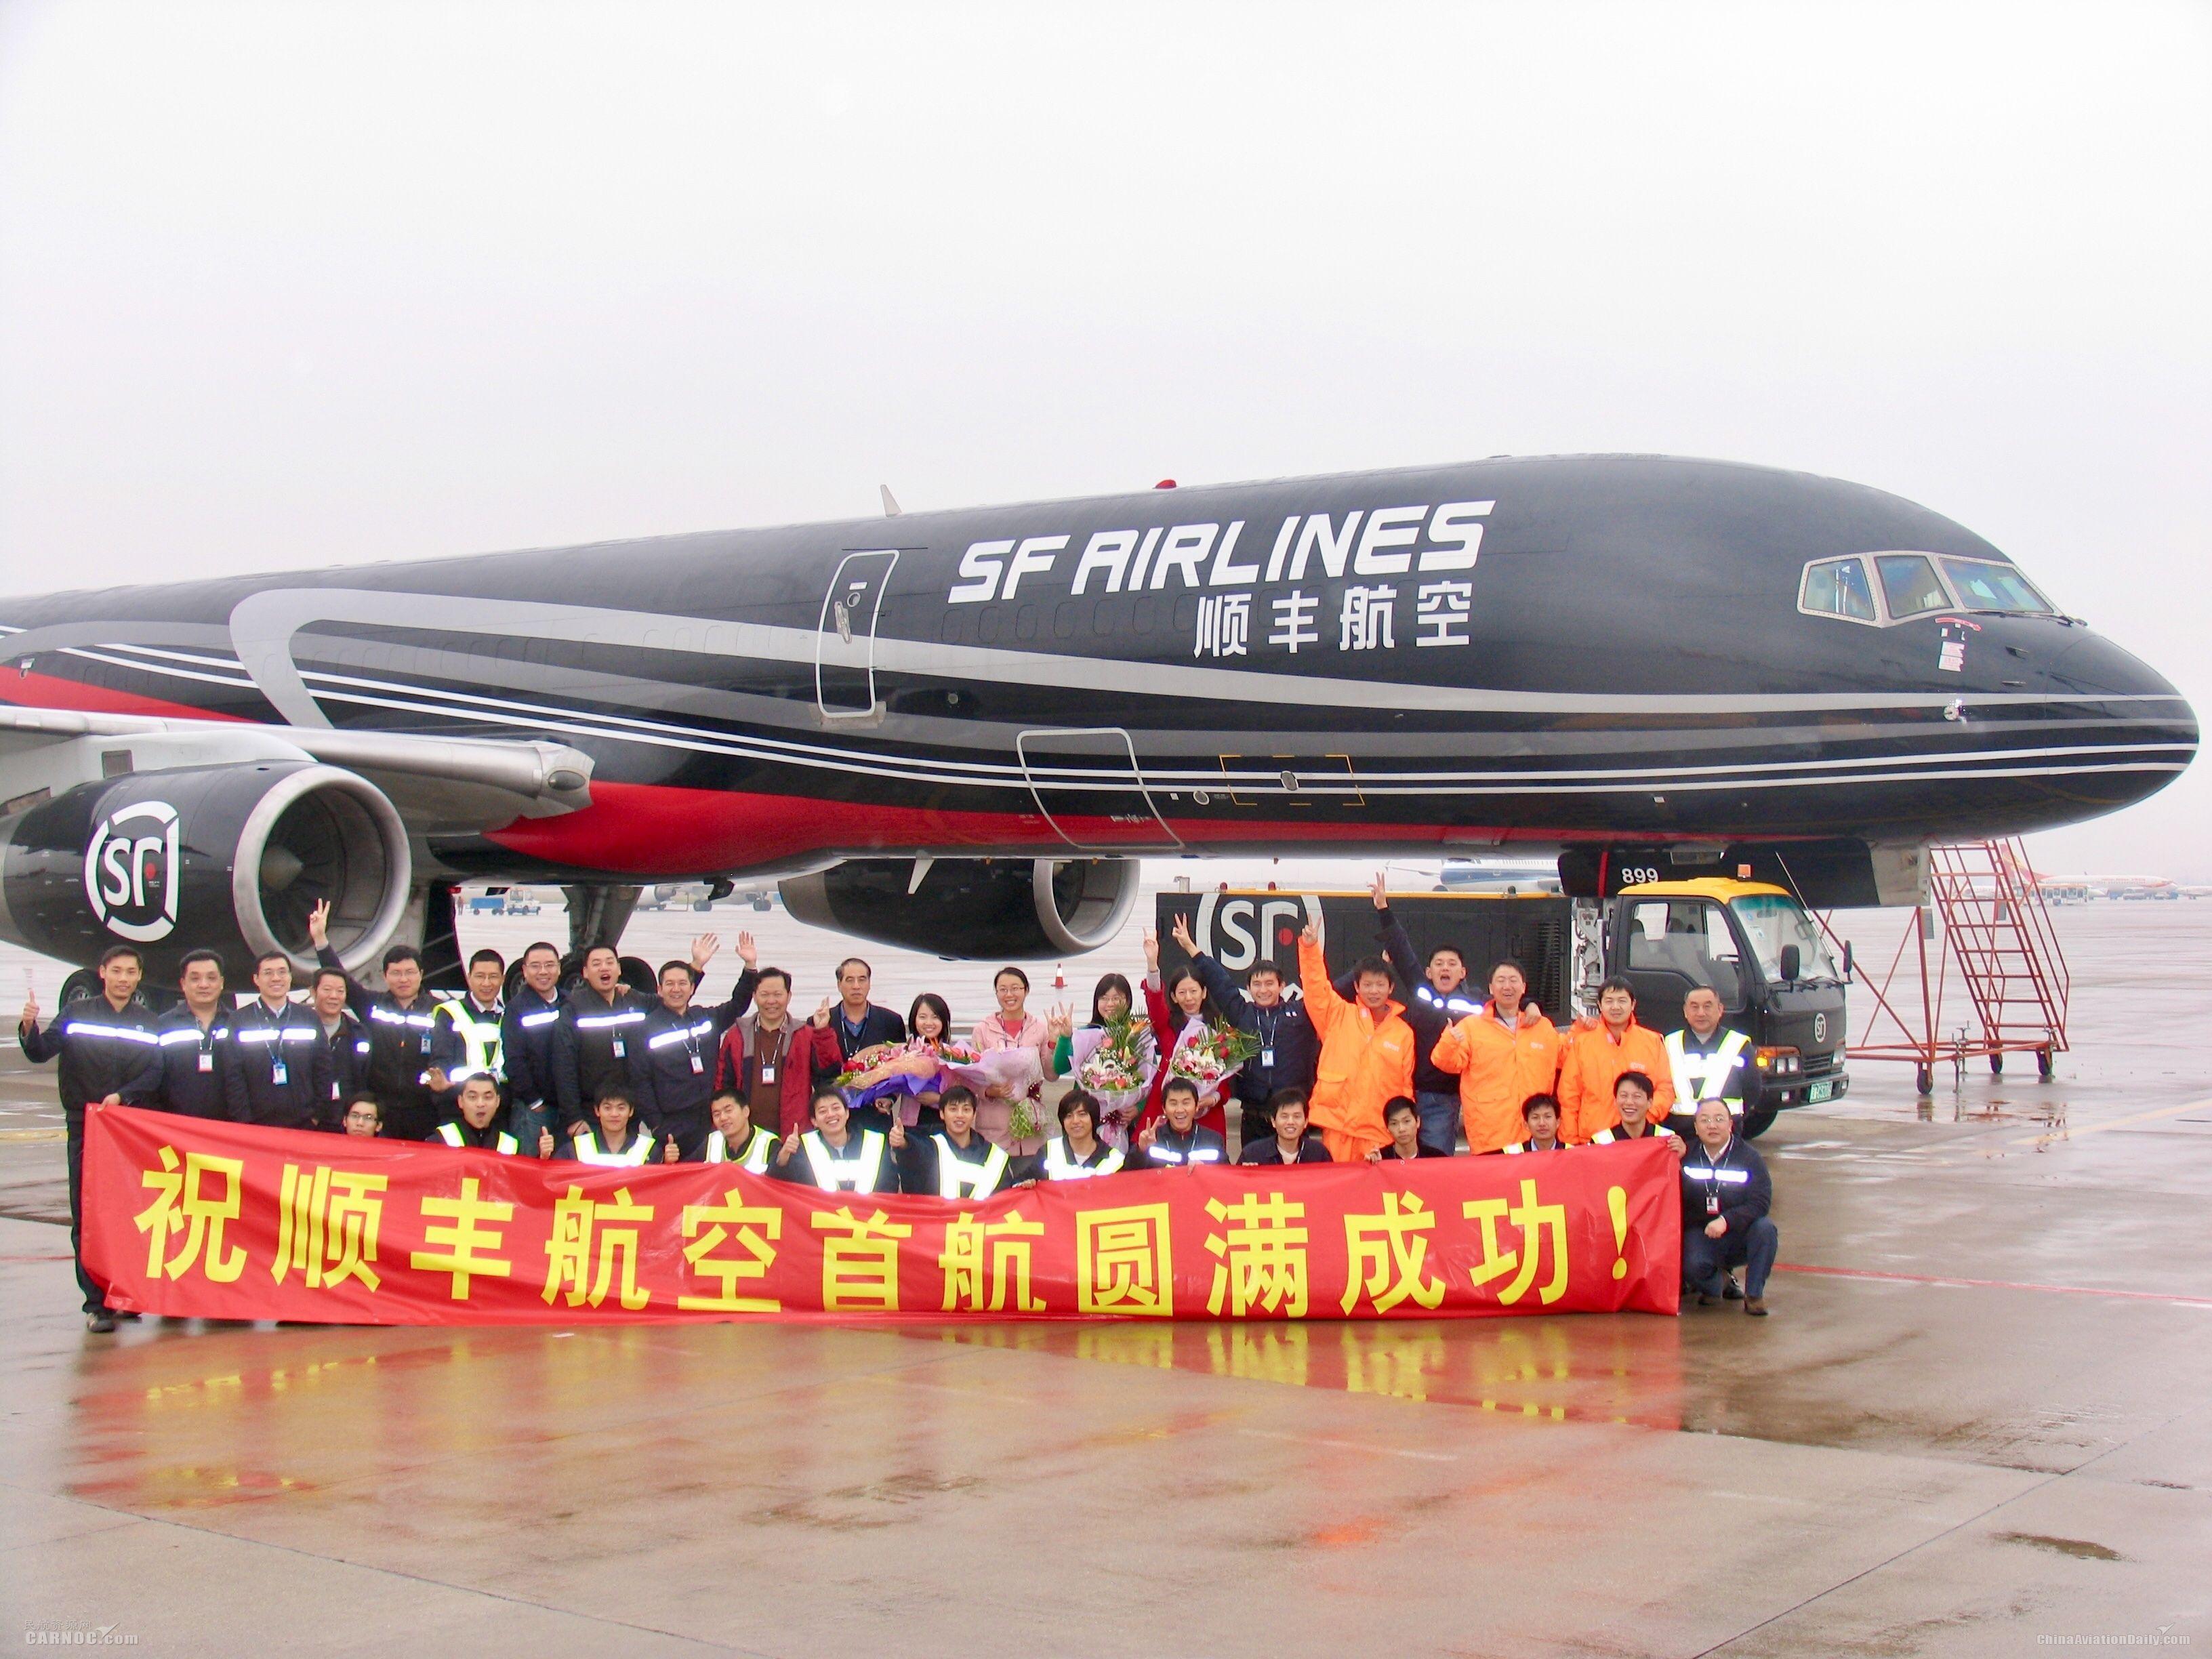 图2-2009年,顺丰航空B757-200F执飞首航任务